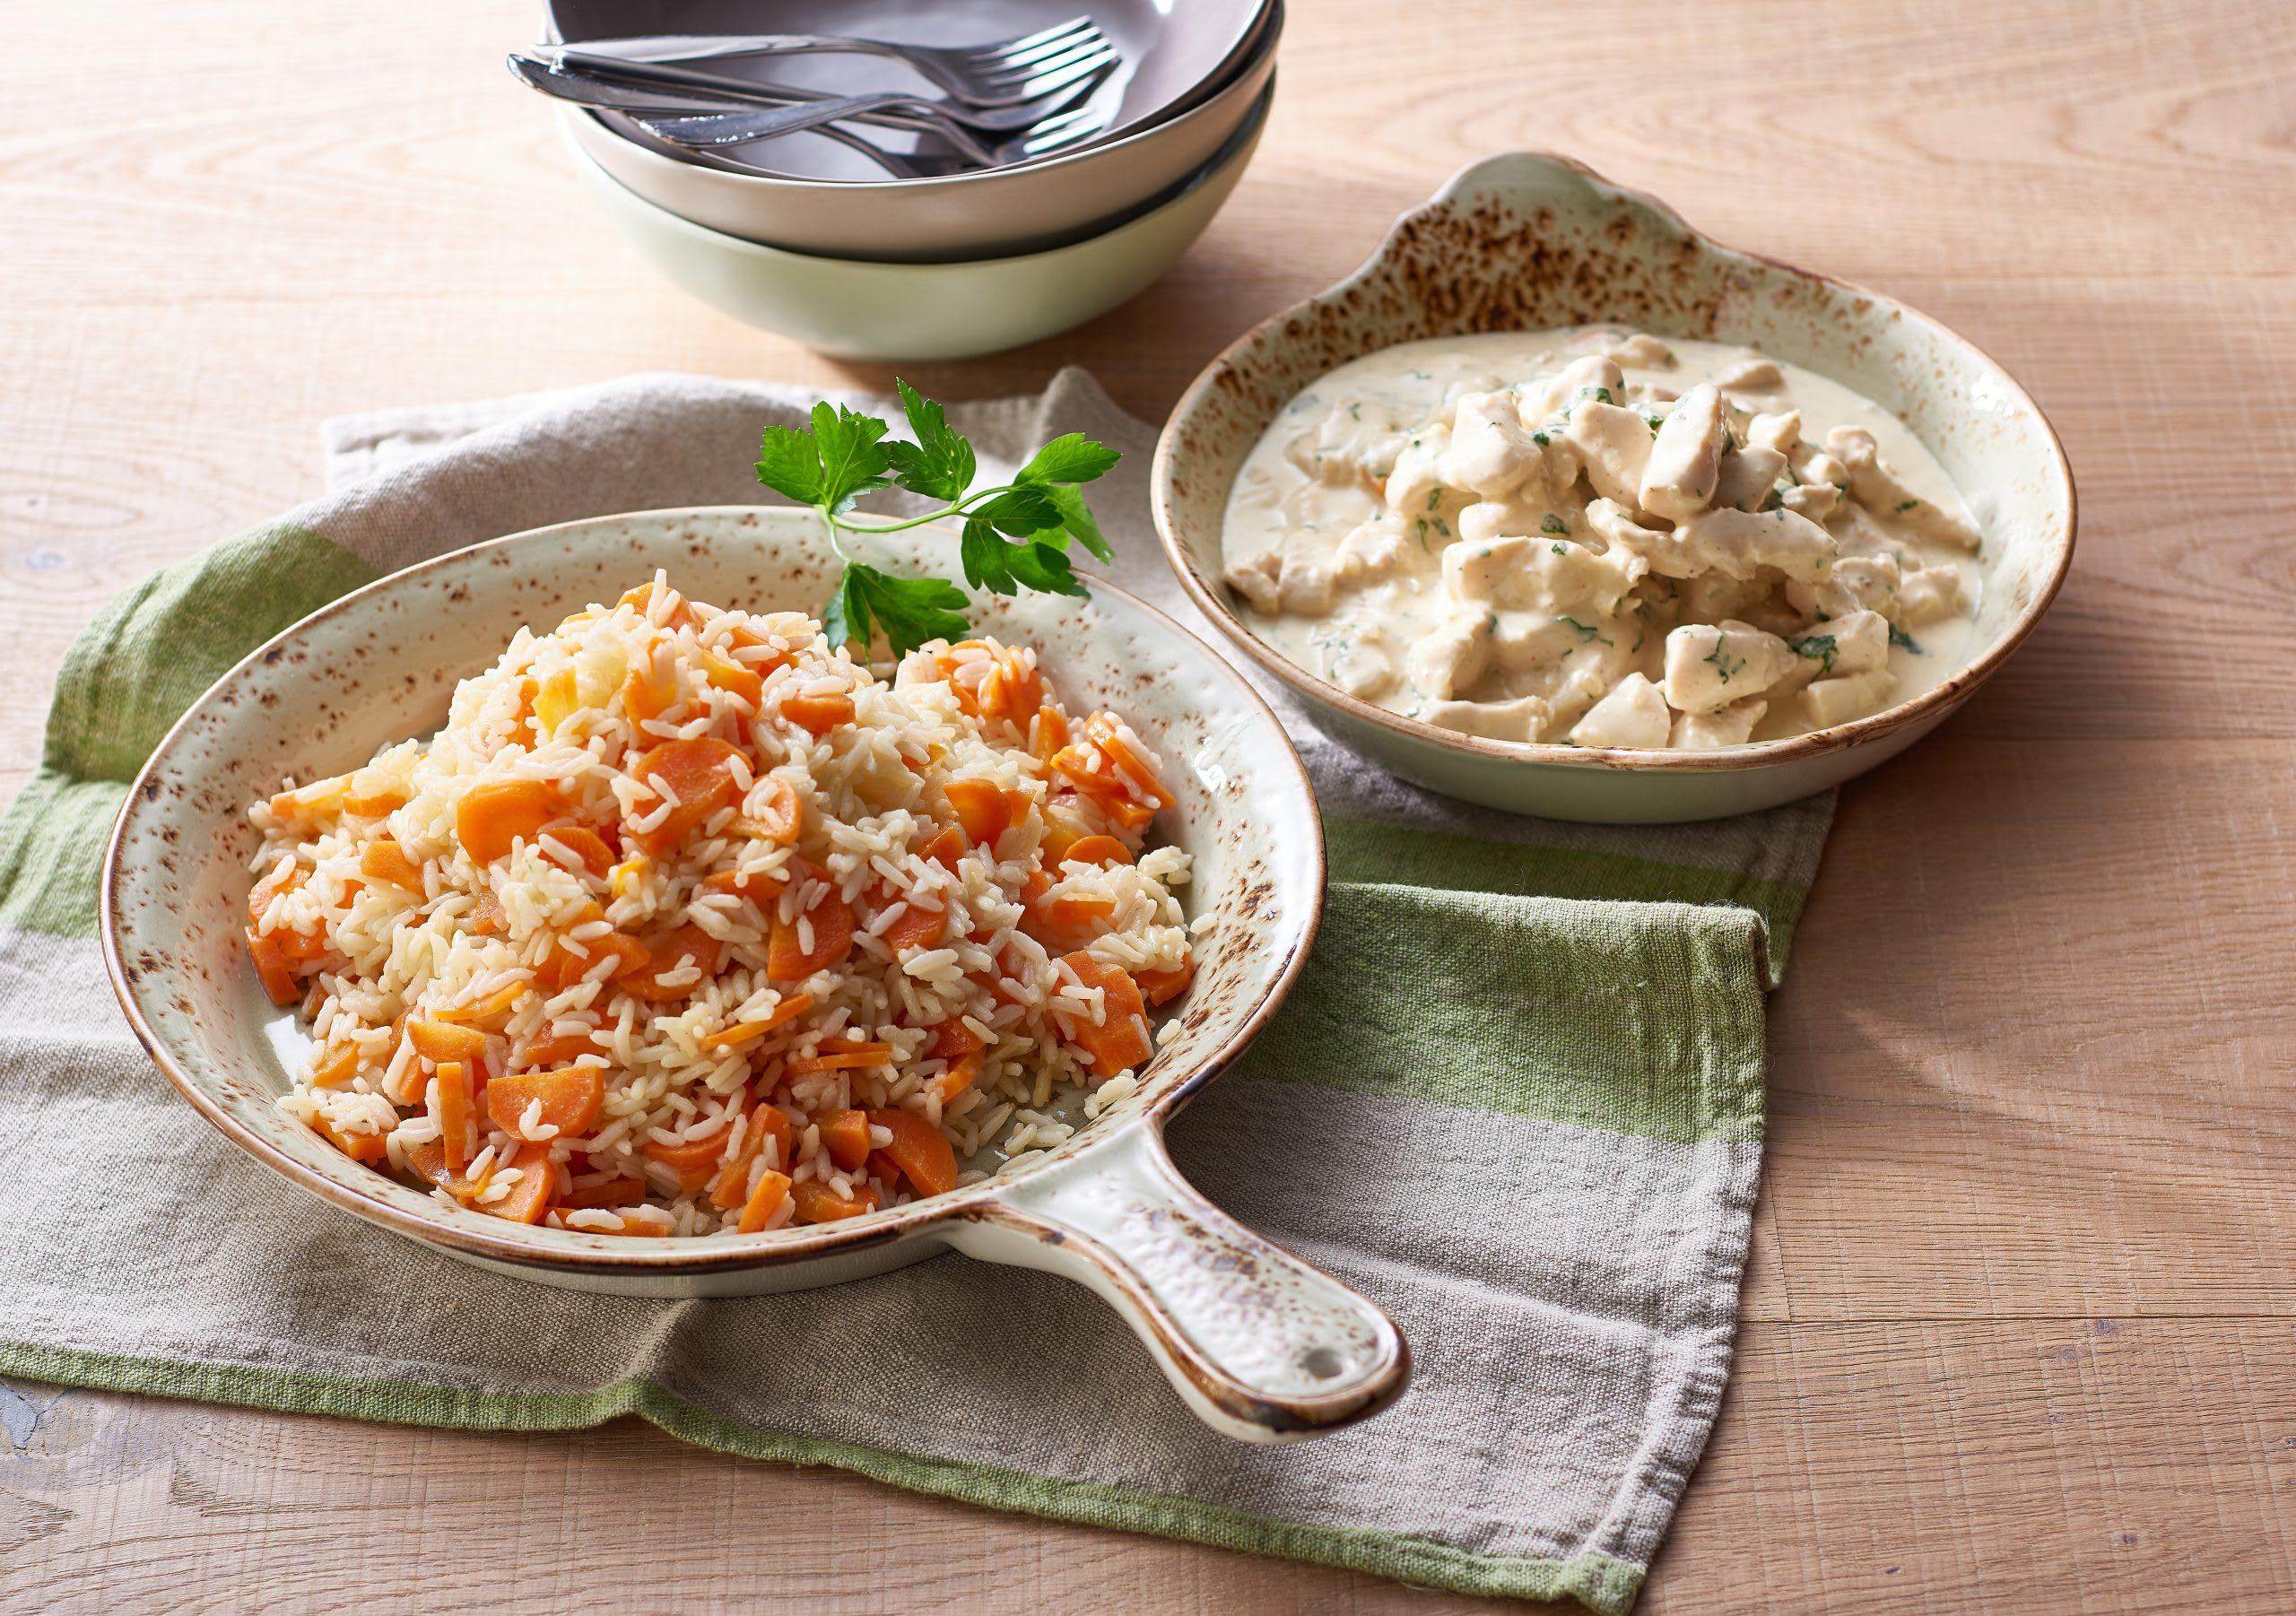 Poulet-Geschnetzeltes mit Rüebli-Reis